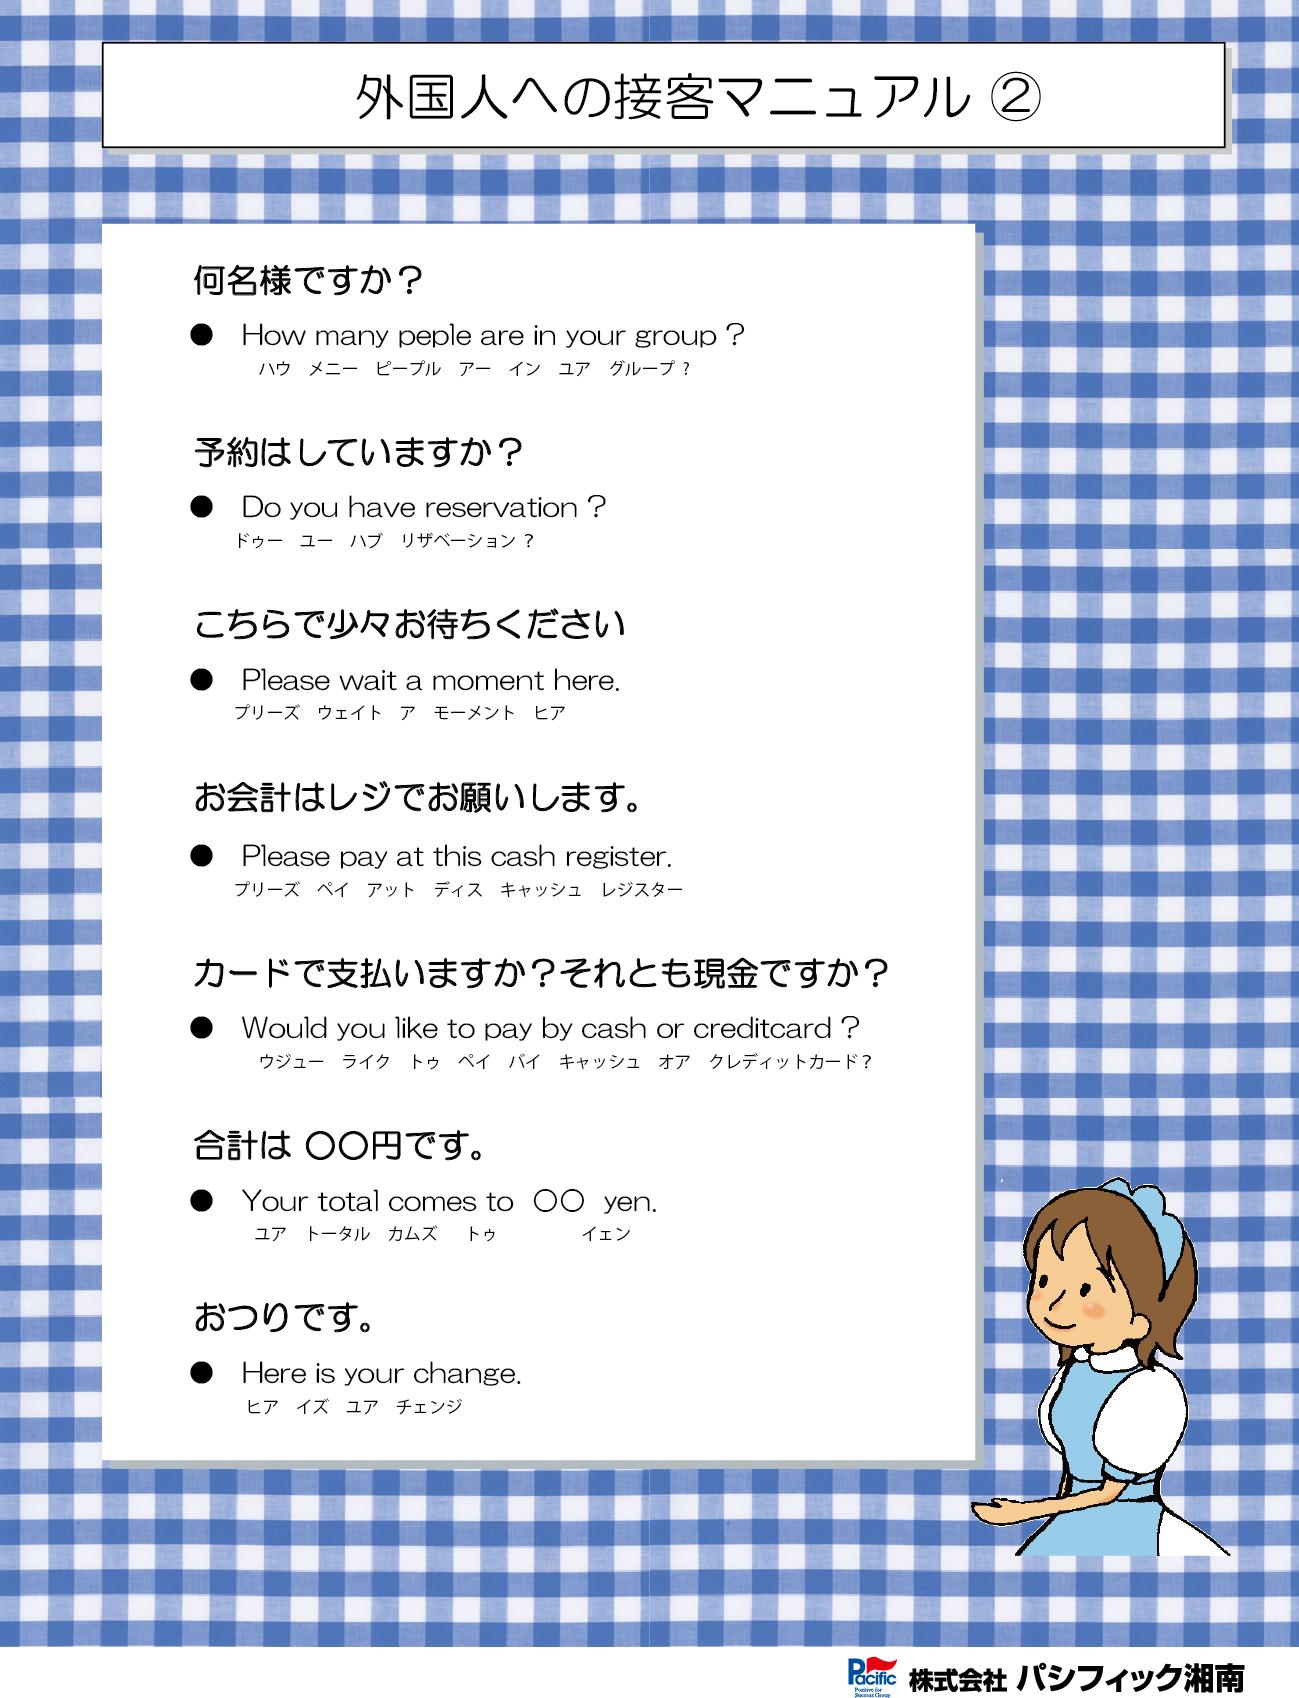 外国人接客マニュアル_2